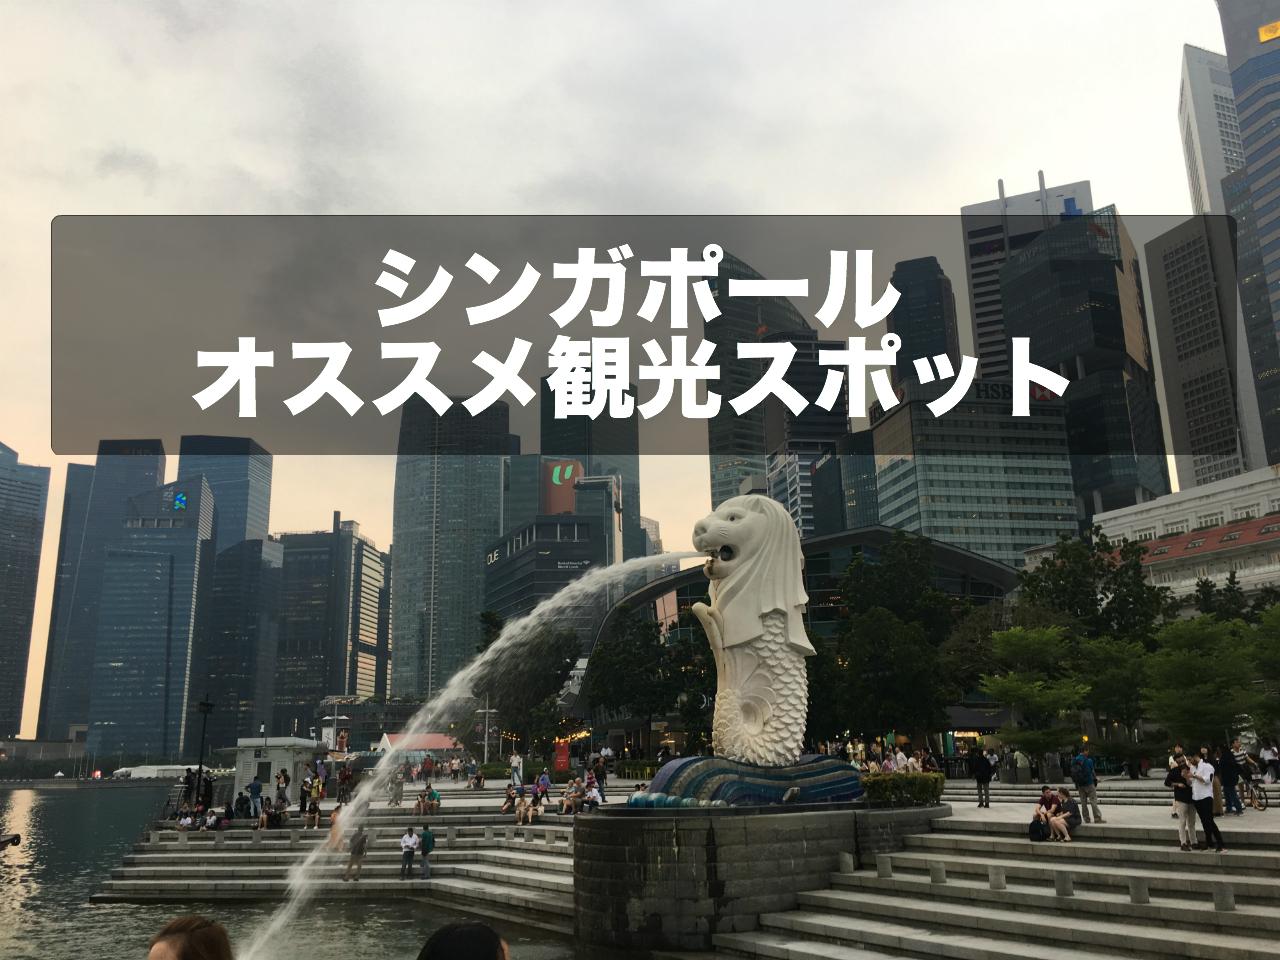 シンガポールの実際に行ったオススメ観光スポット6個とアクセスや料金